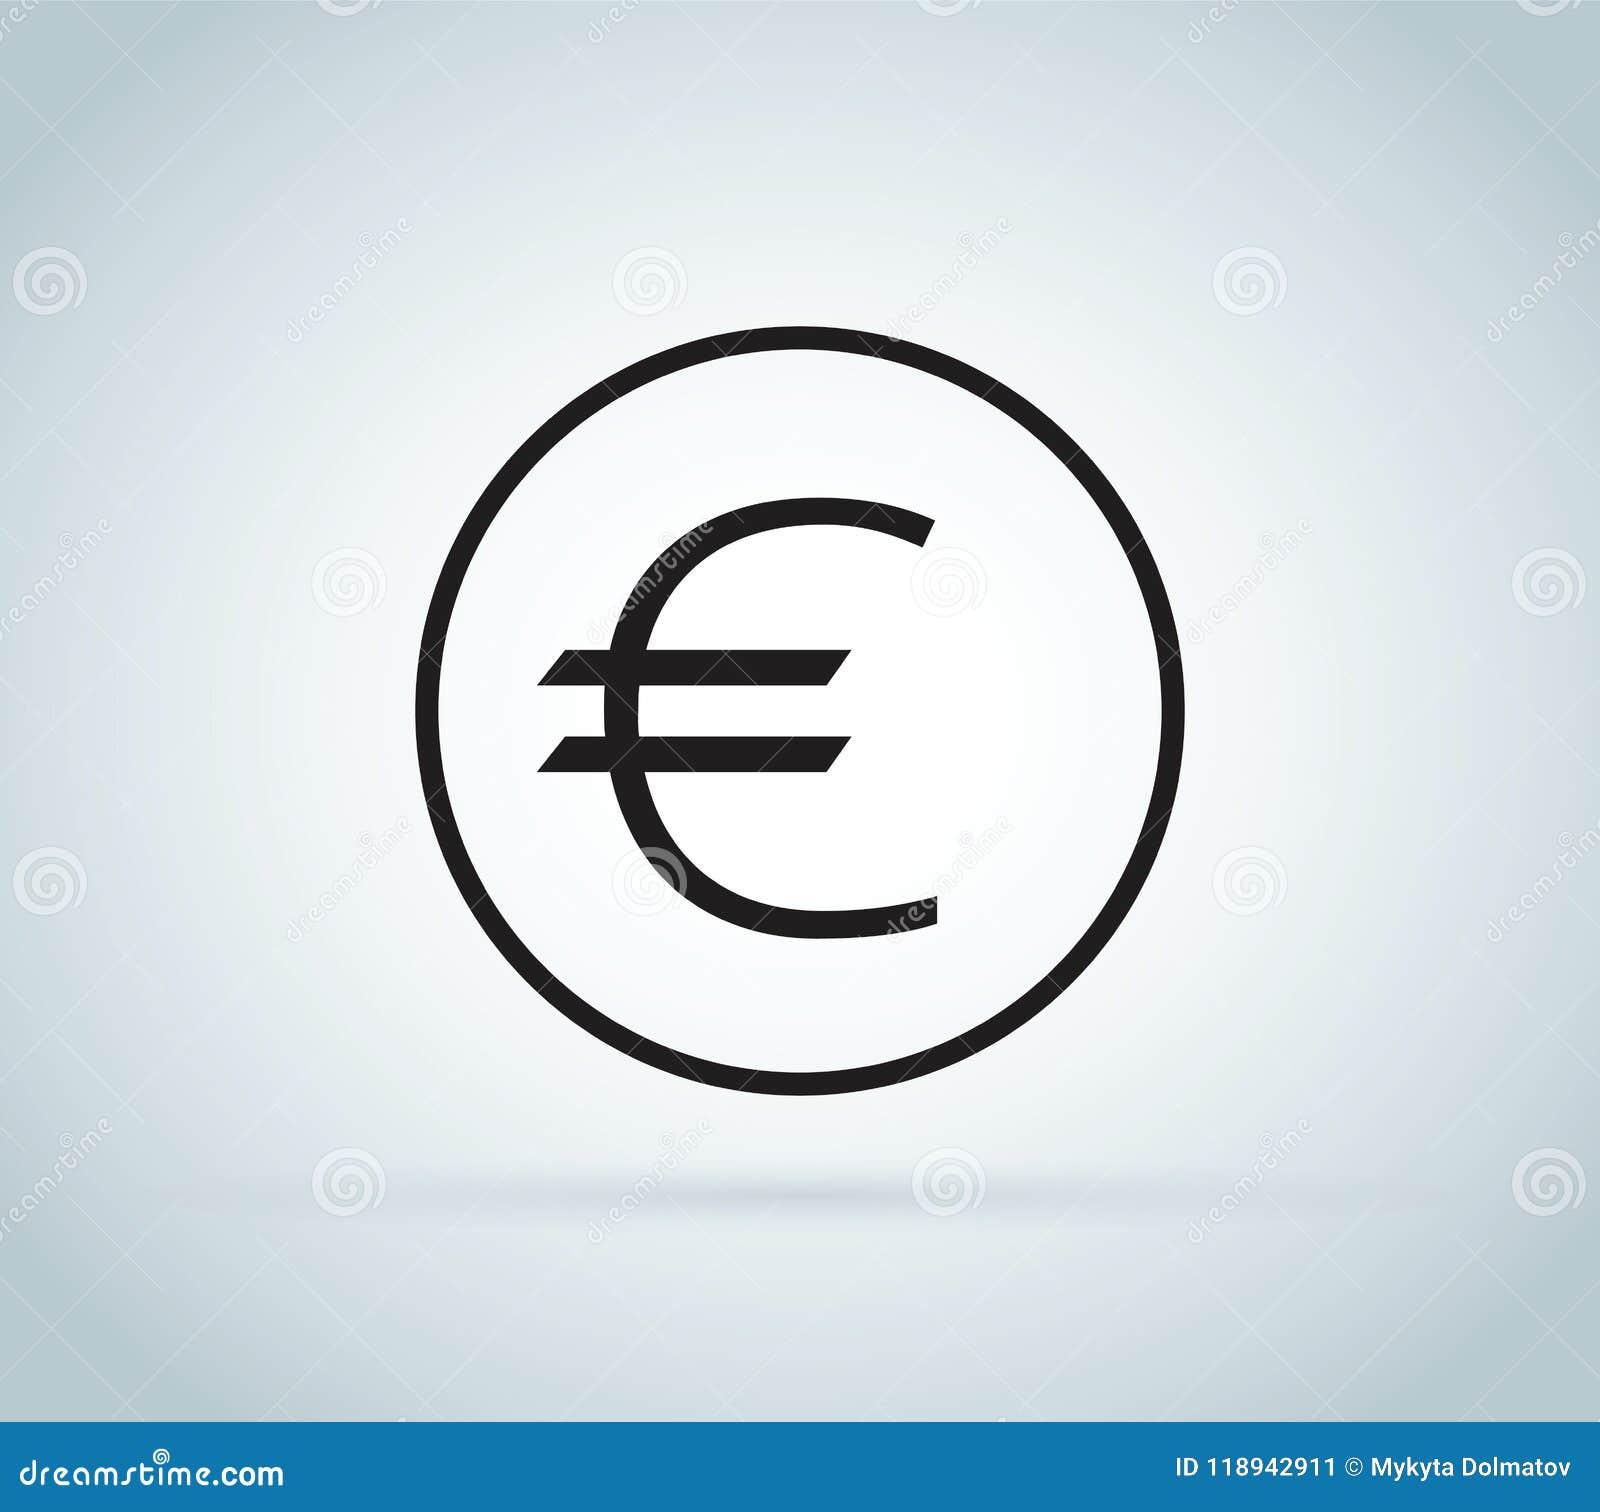 Знак евро, монетка изолированная на белой предпосылке Деньги, значок валюты Символ наличных денег Дело, концепция экономики